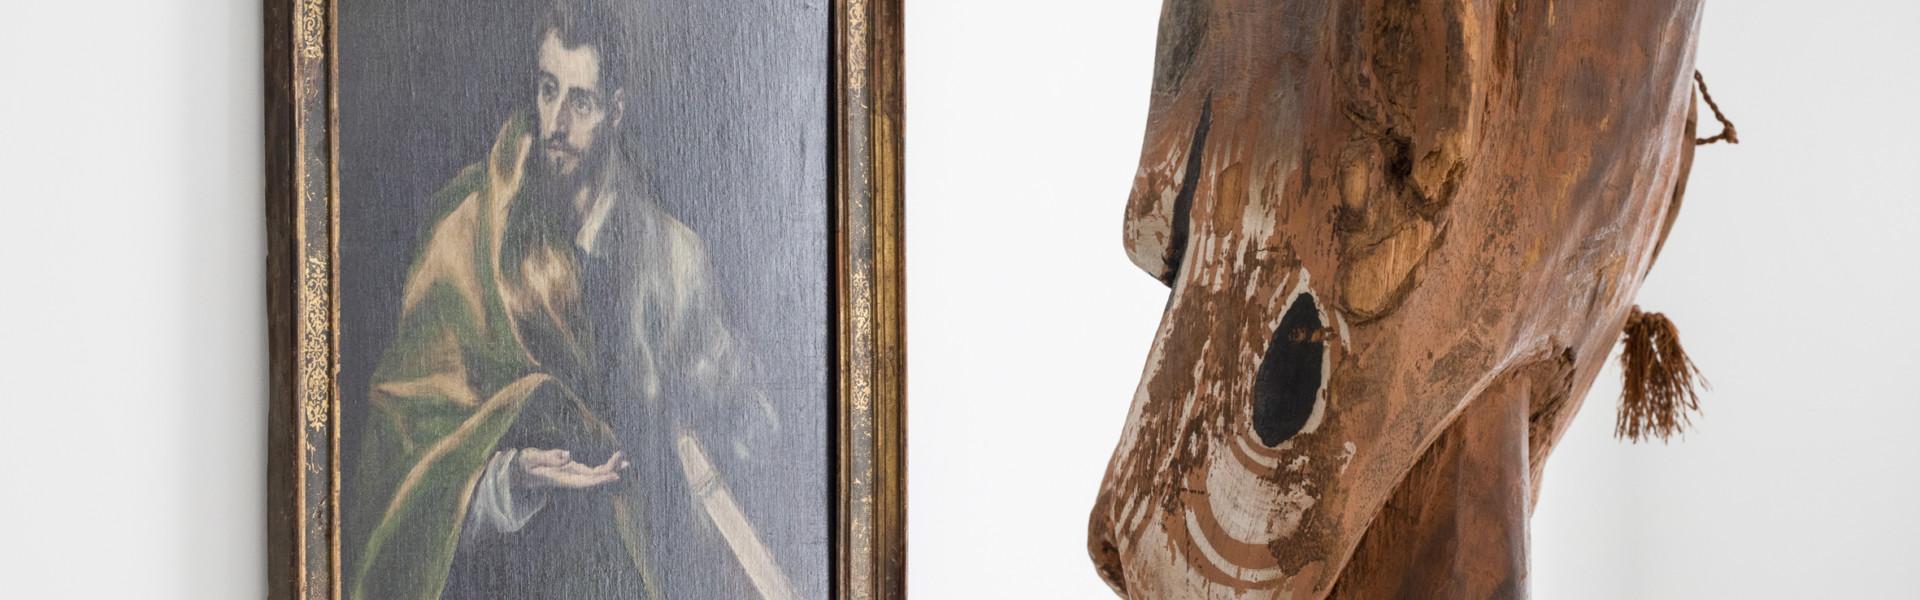 """Apostel knüpft Beziehung zu Urahn aus Papua-neuguinea: El Greco (Schule), """"Der Apostel Jakobus d. Ä.; Toledo, Spanien, um 1600/04,Öl auf Leinwand, Kunstmuseum Basel, Rednerpult teket"""